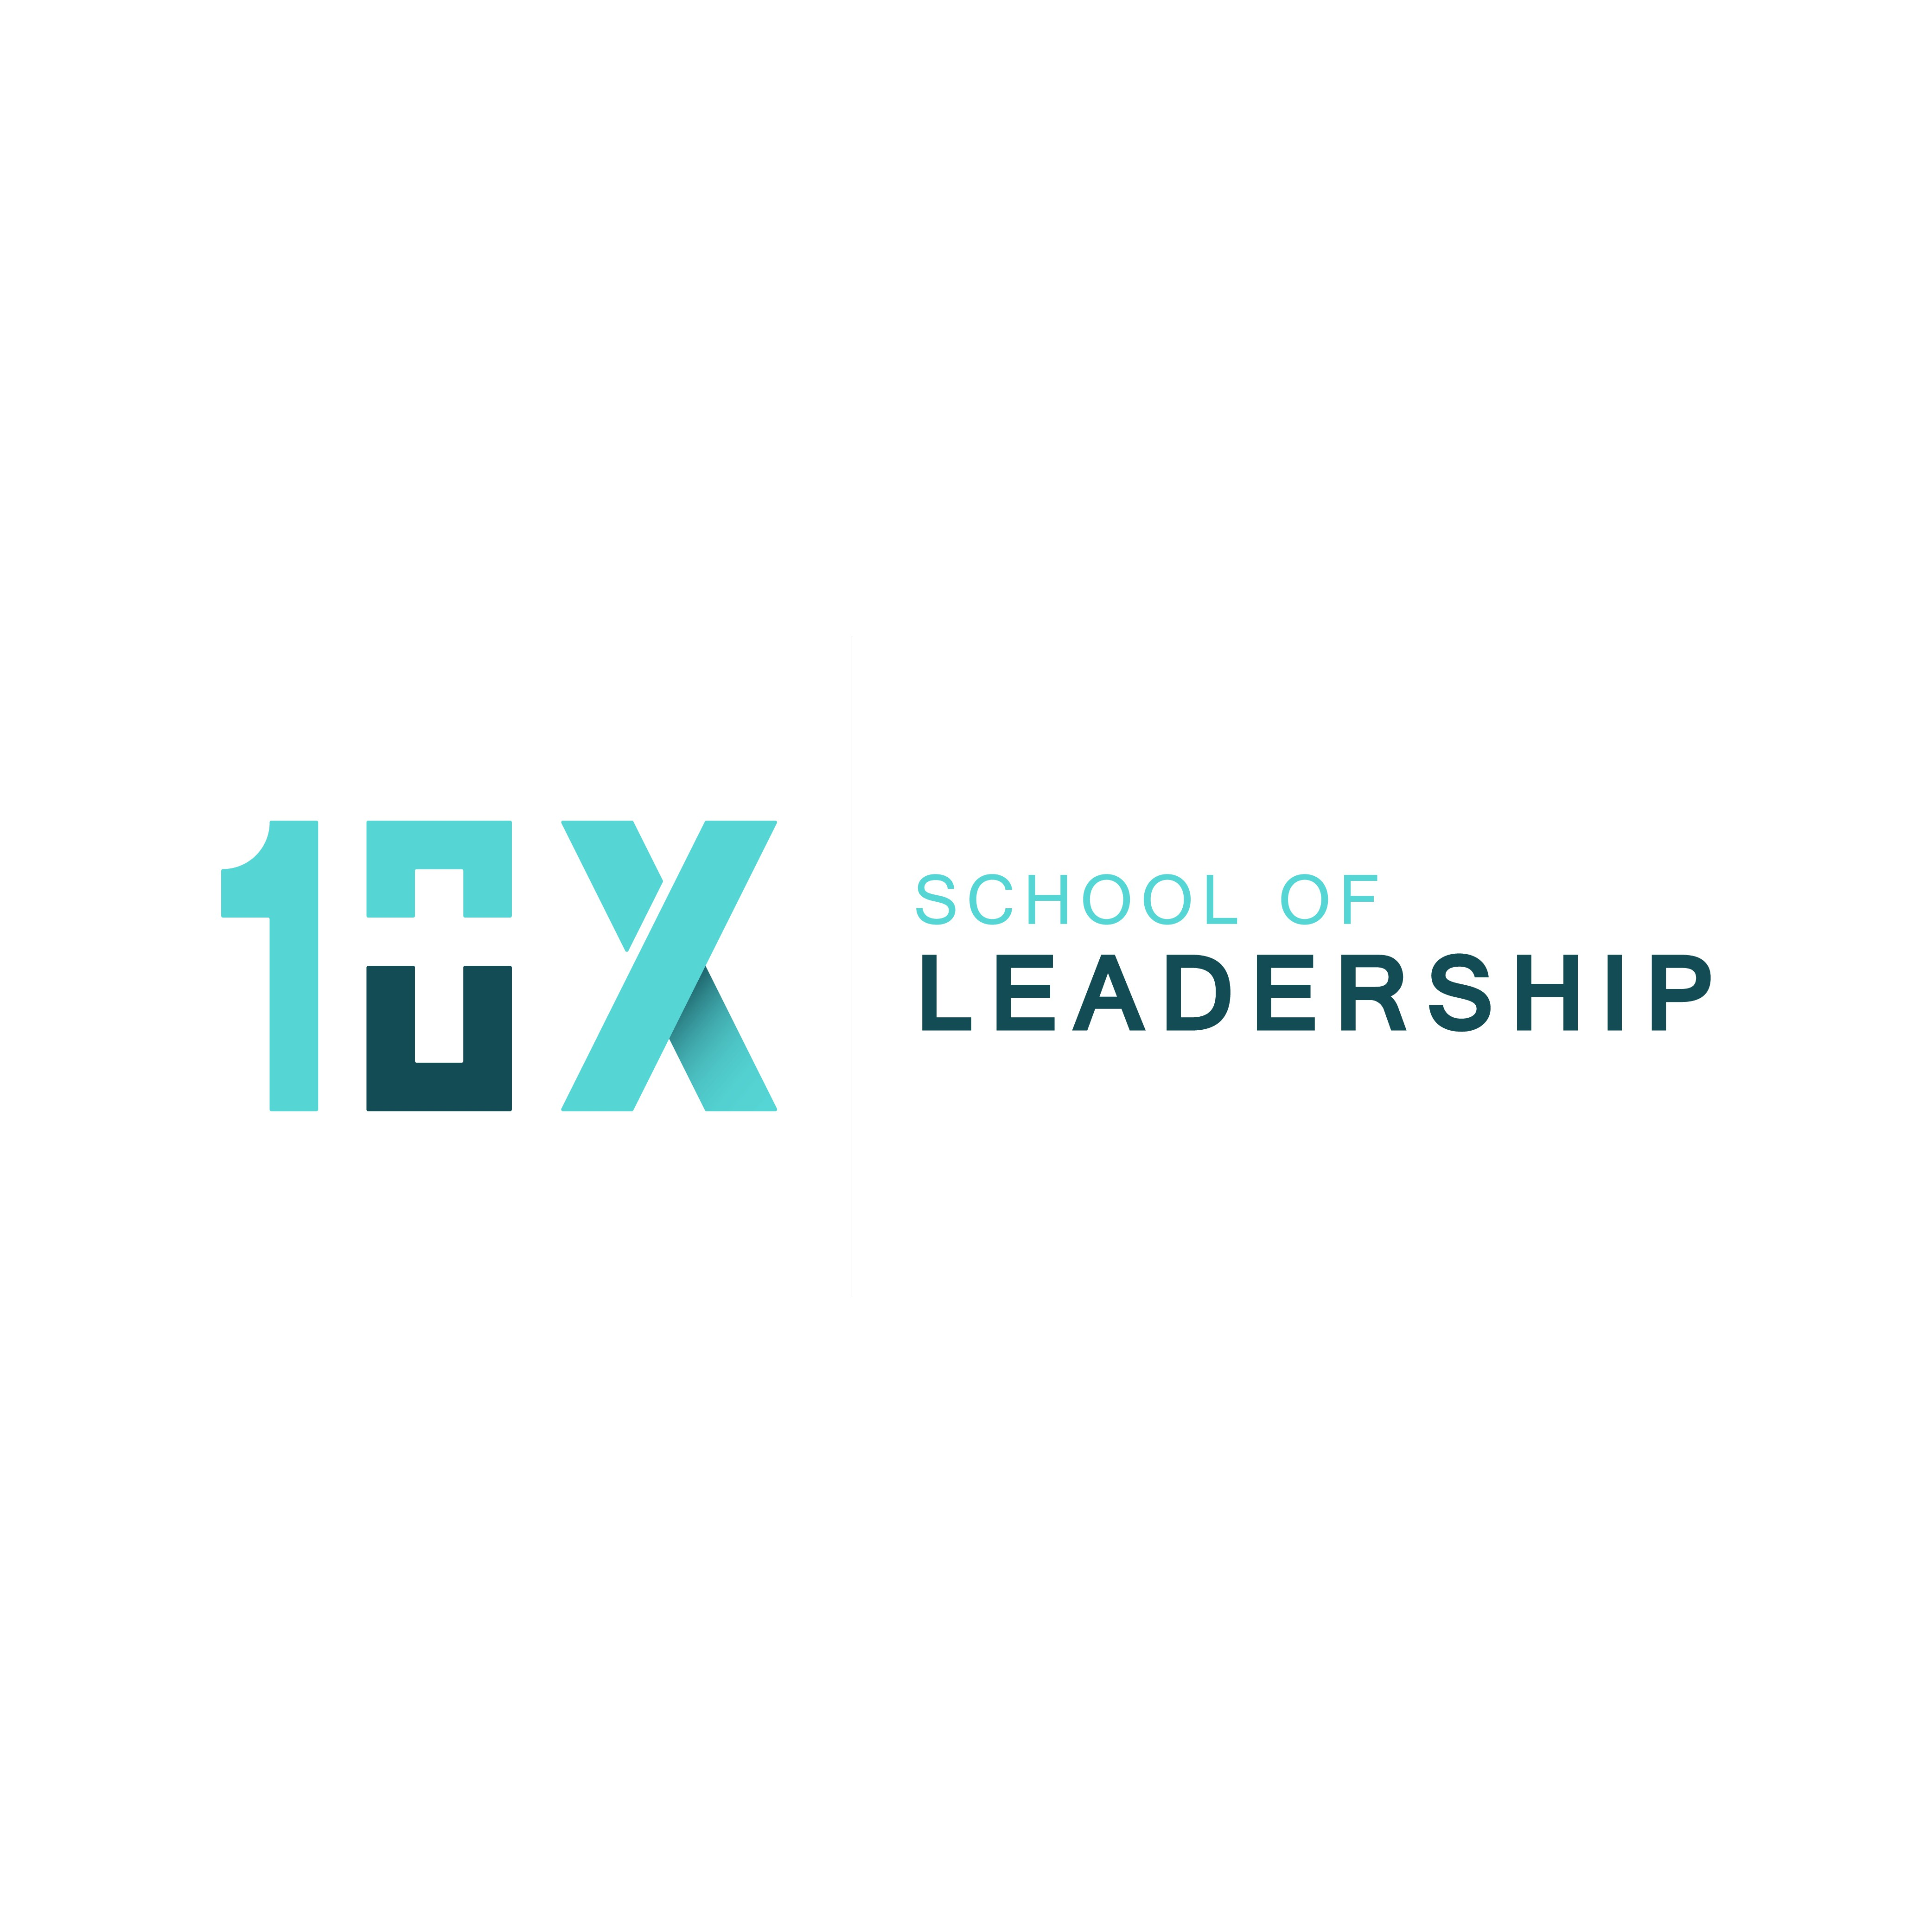 Design fresh logo for a leadership development program for 18-25 year olds